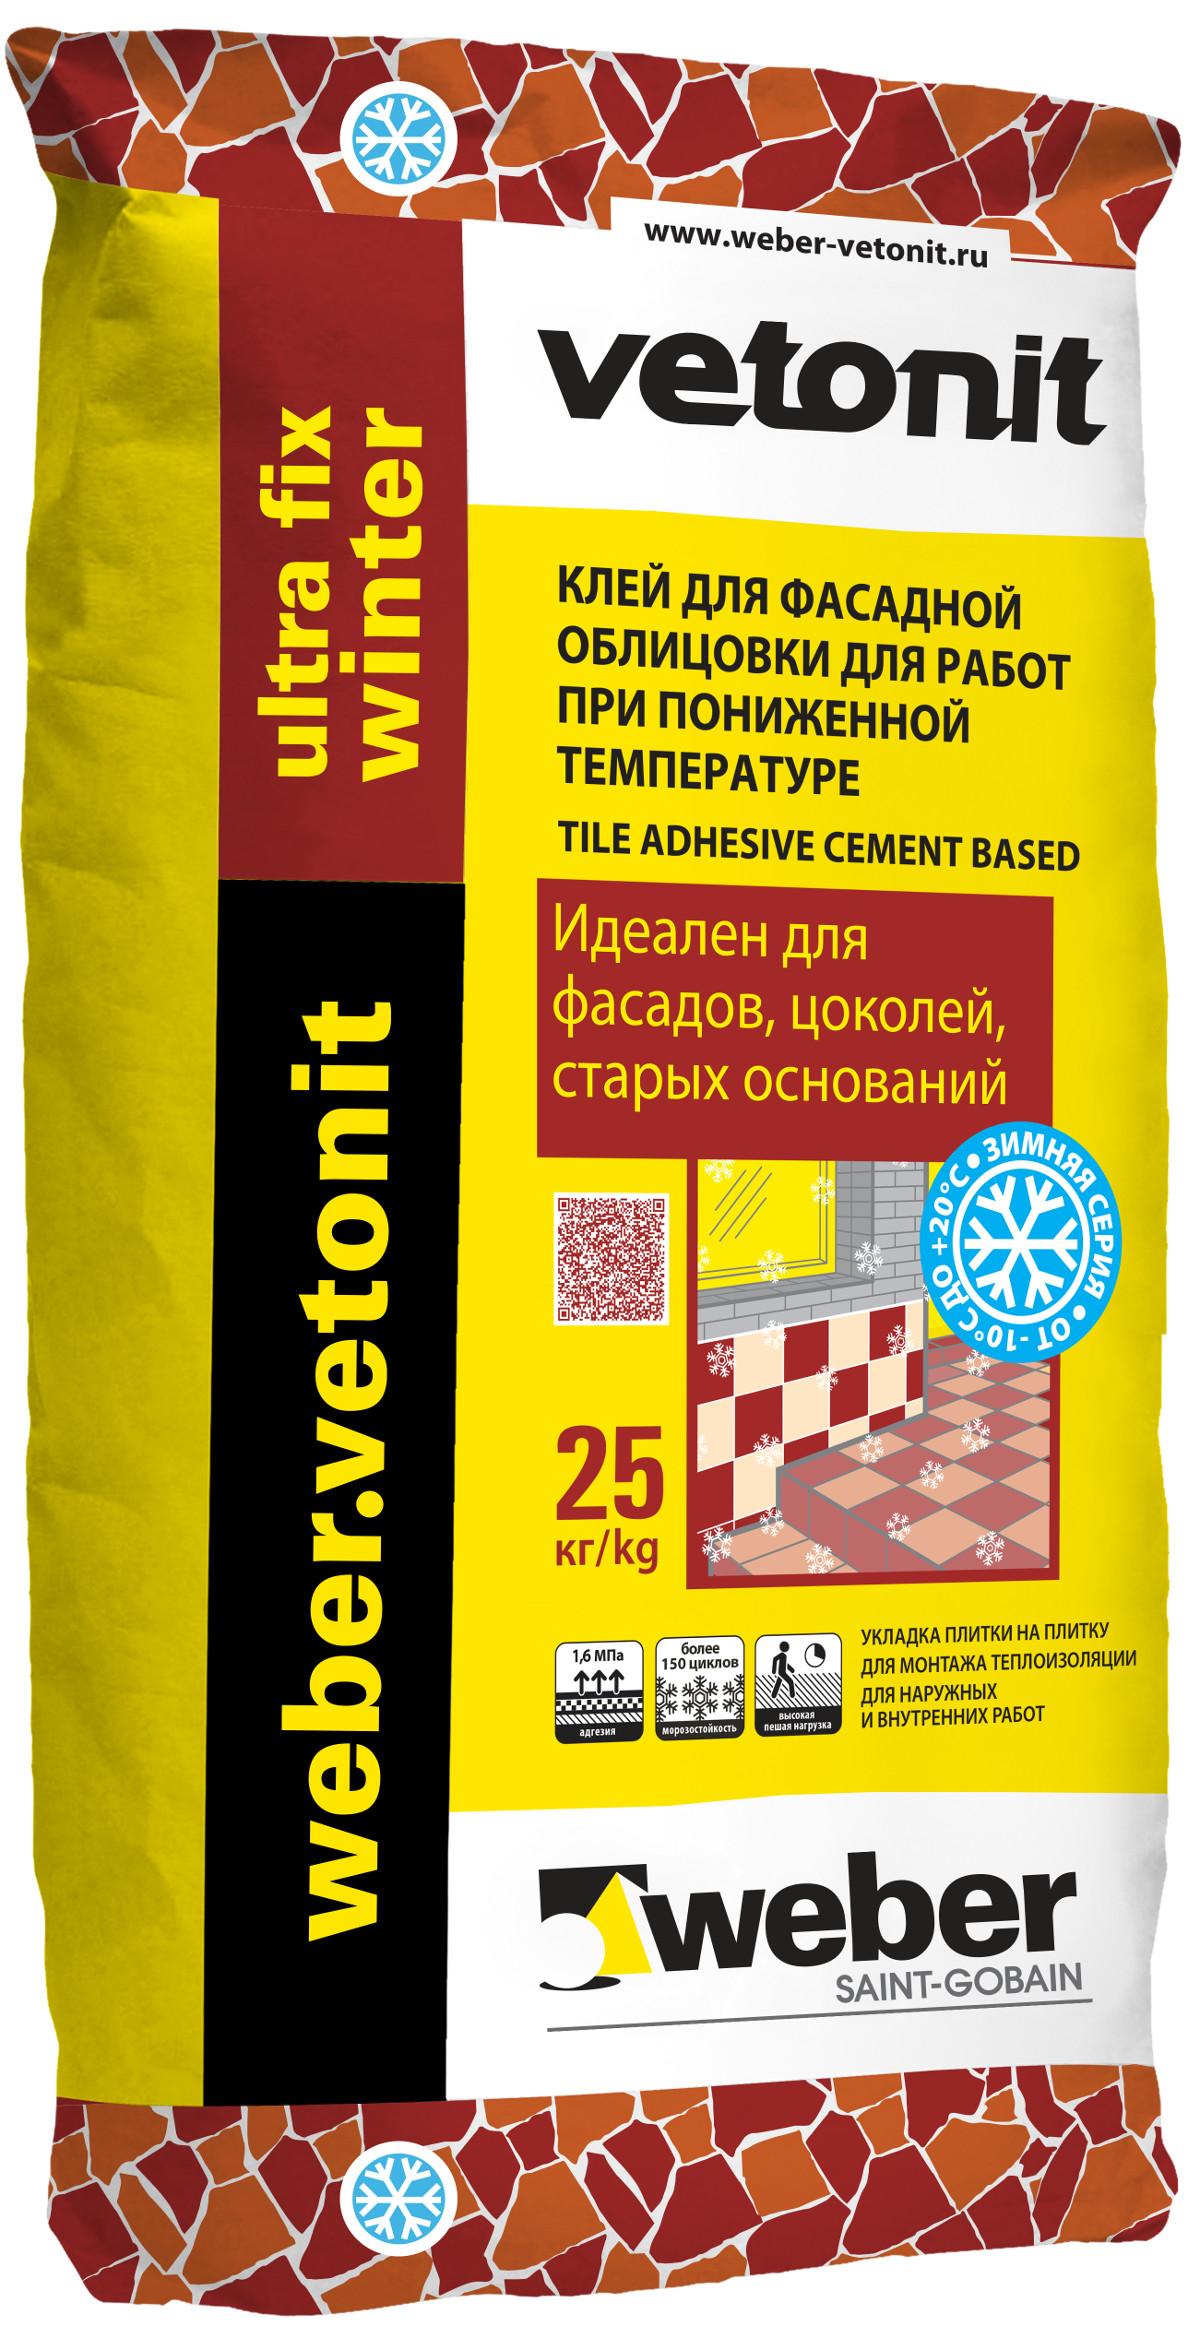 Ветонит Ультра Фикс Винтер (Вебер.Ветонит) (зимний клей для плитки),  25 кг